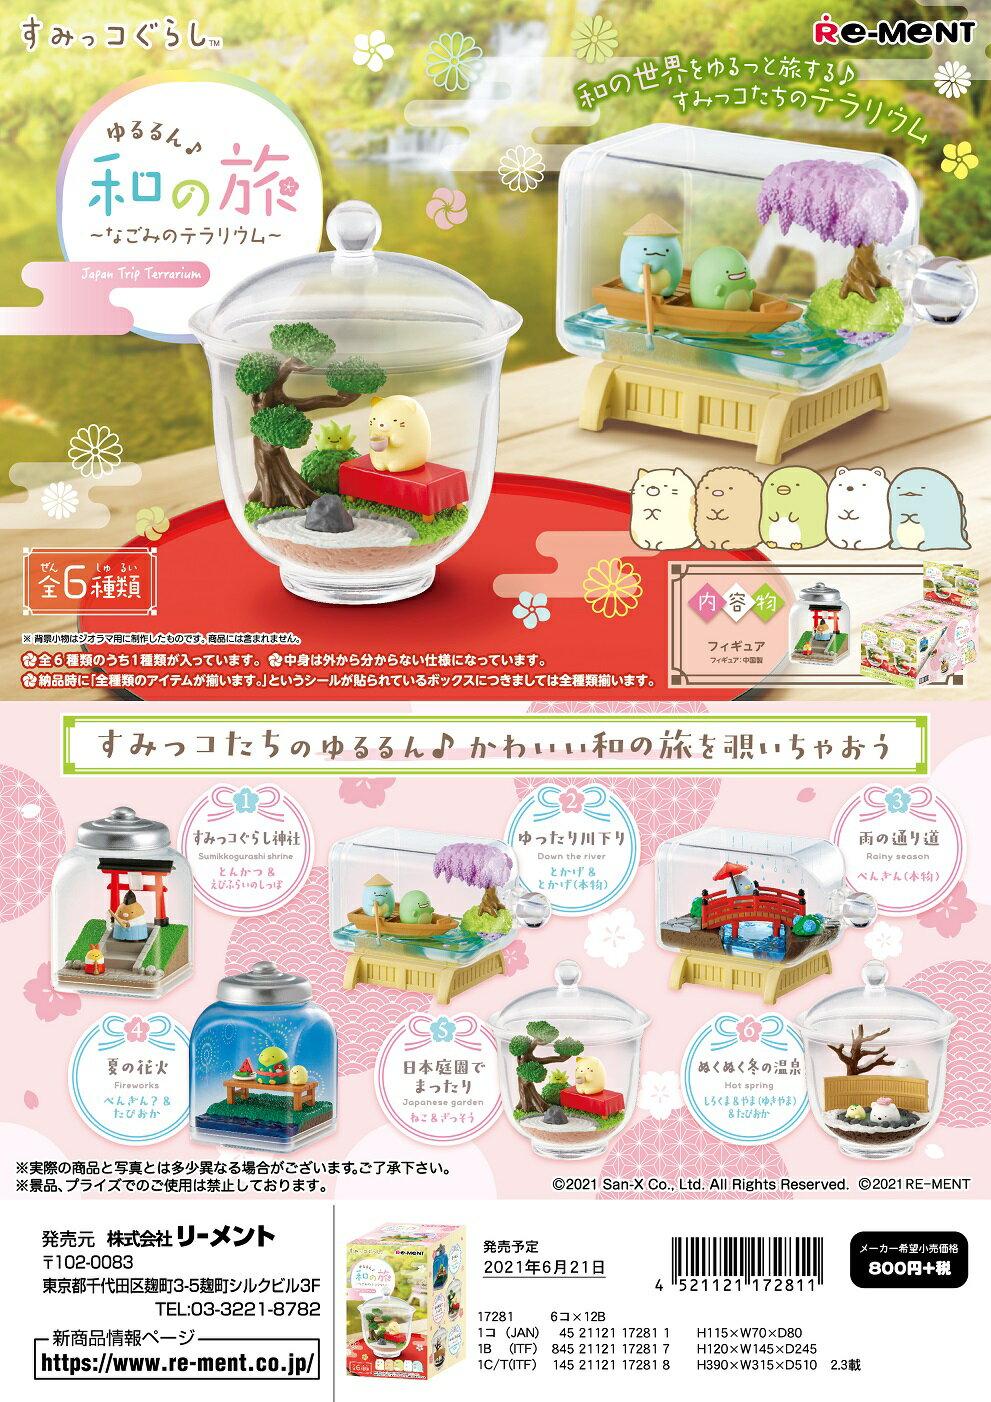 コレクション, 食玩・おまけ ()621 6 1BOX6